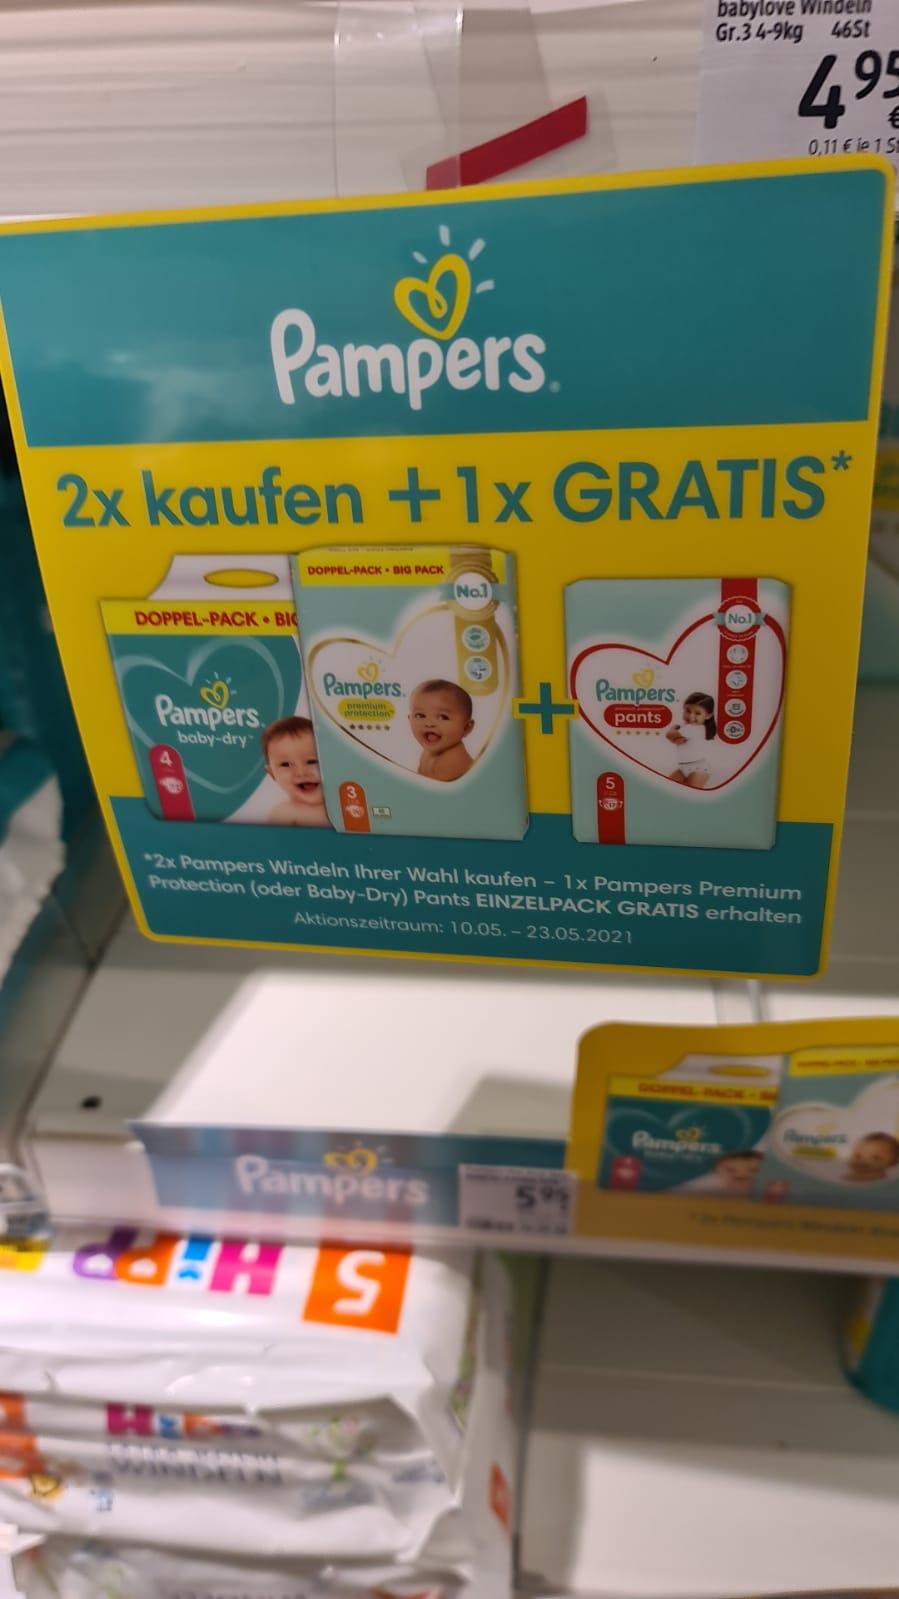 DM - 2 Pampers Packungen kaufen - 1x Pampers Pants geschenkt